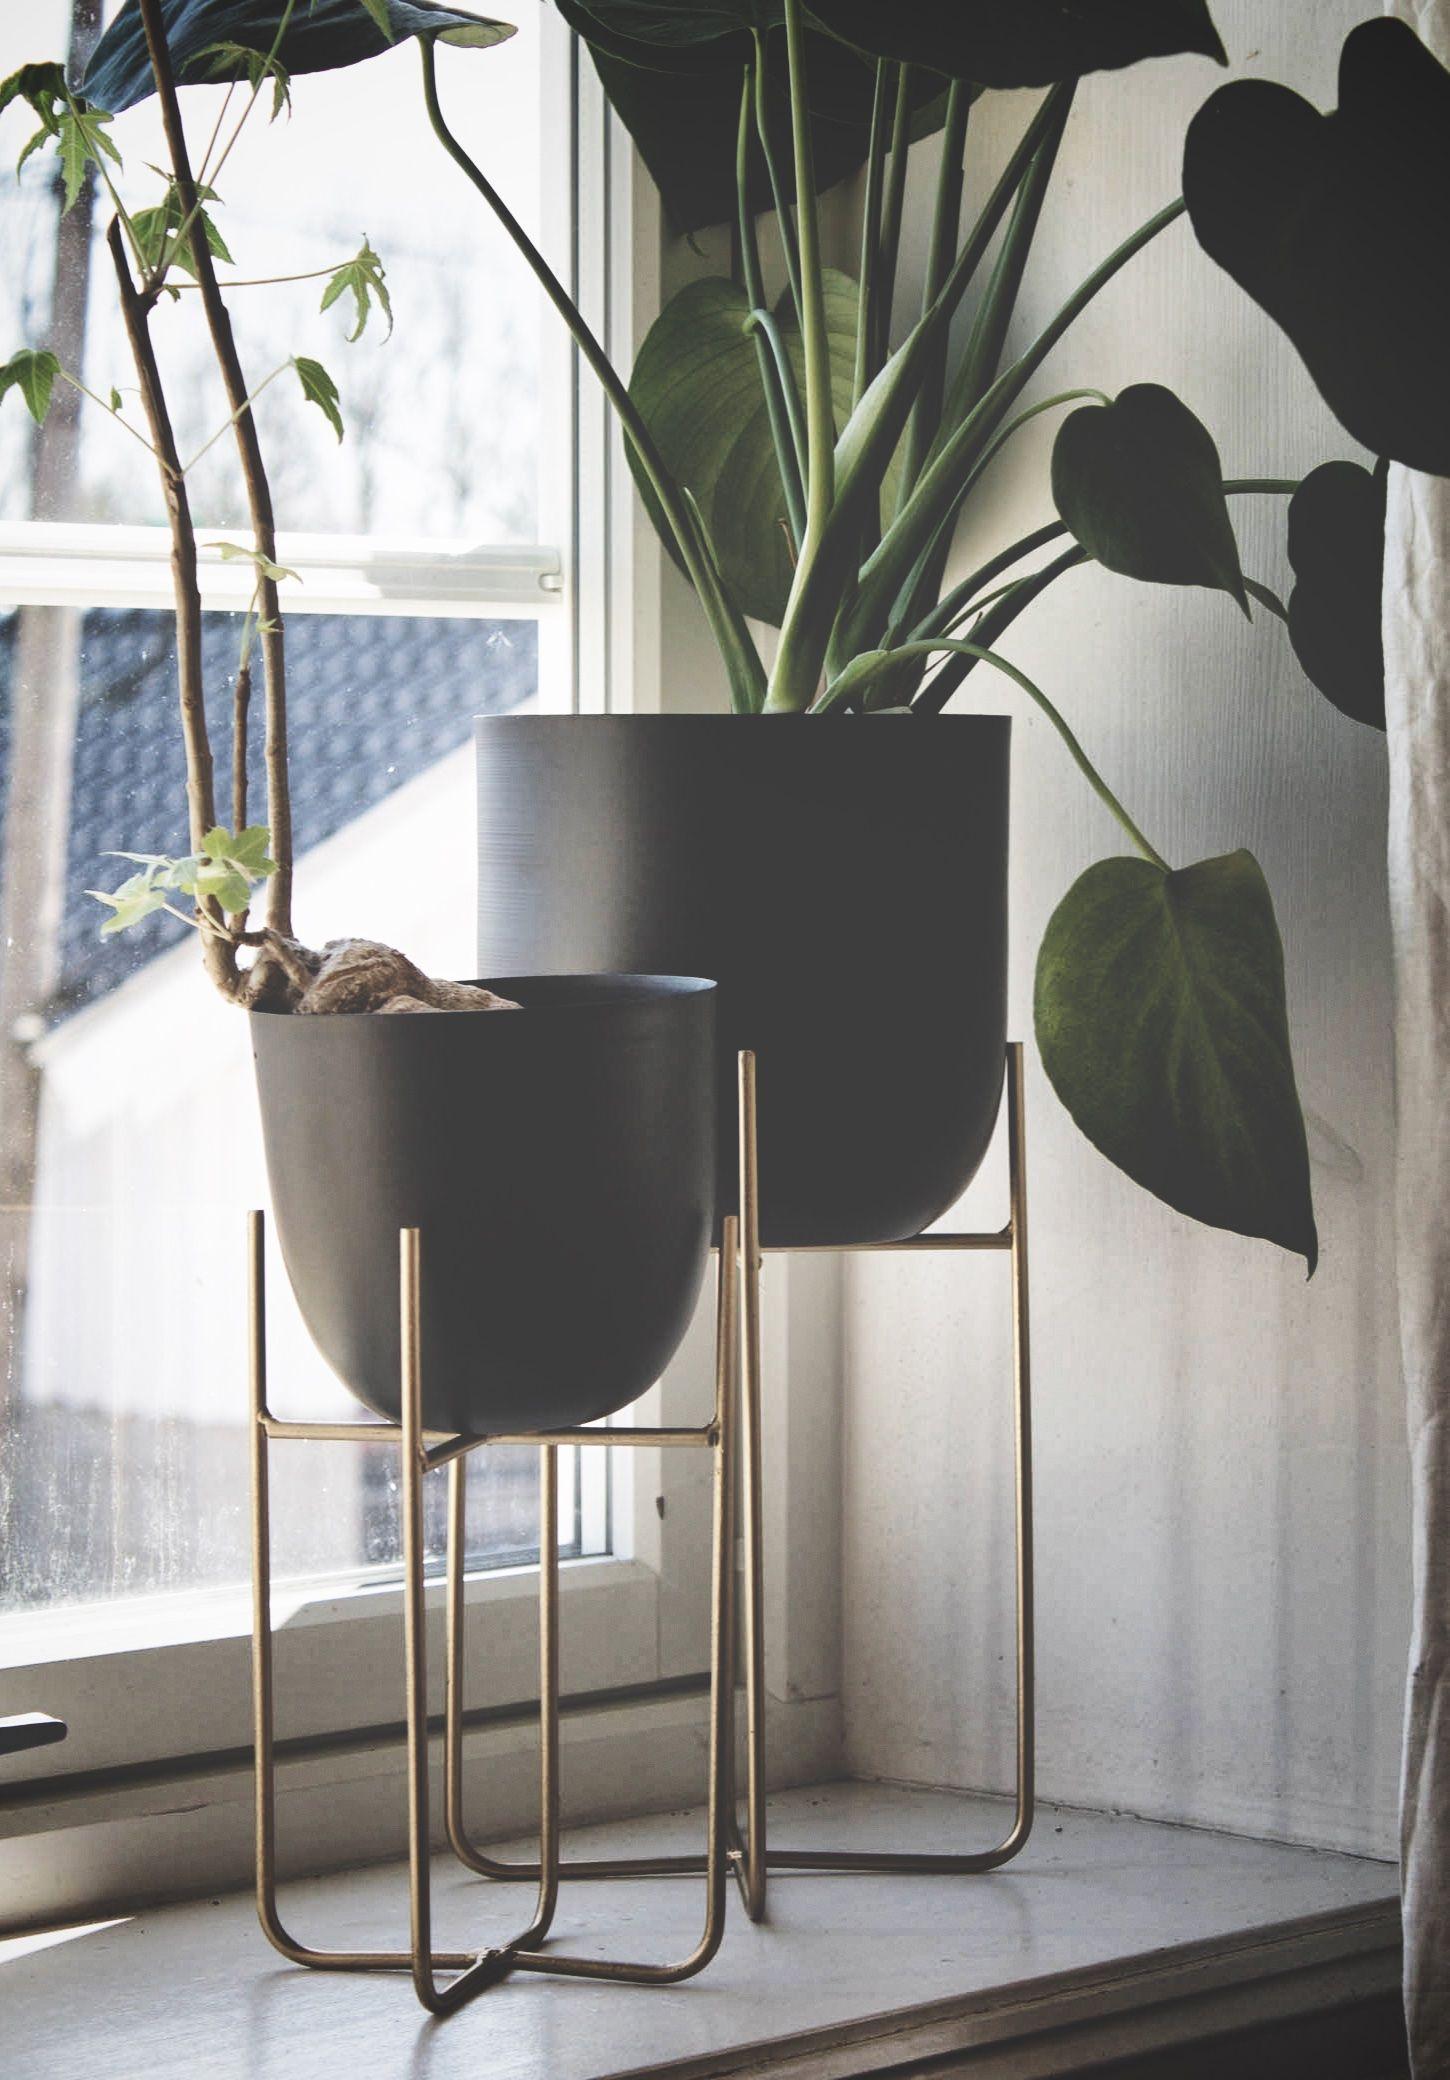 Svært Sort/gull Trend Design Blomsterpotte på pidestall - Dorothea.no IV-94